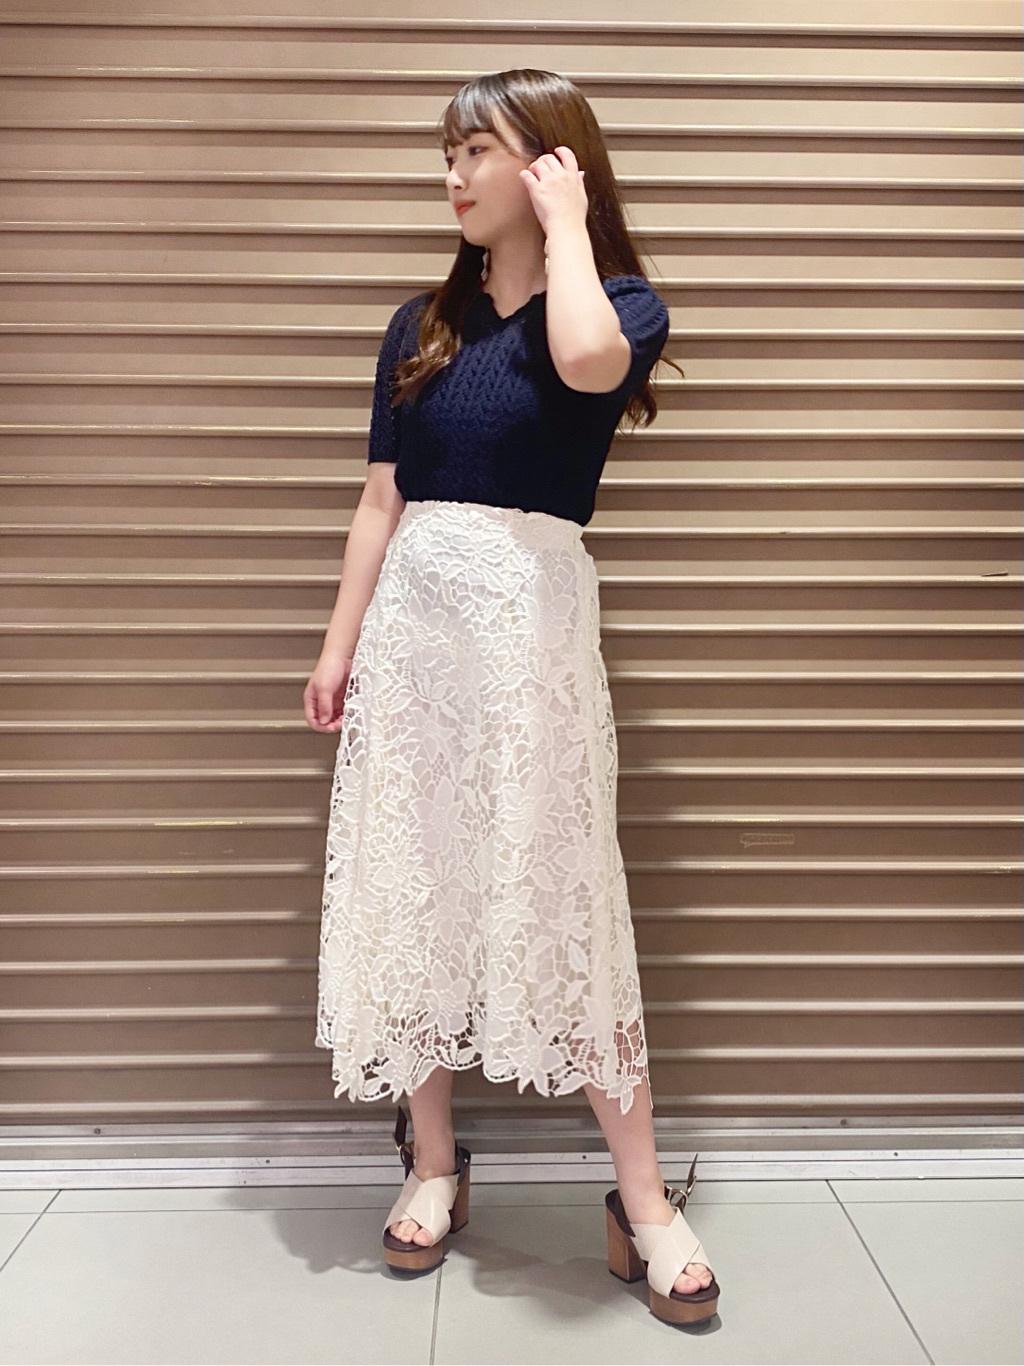 mahiro(155cm)